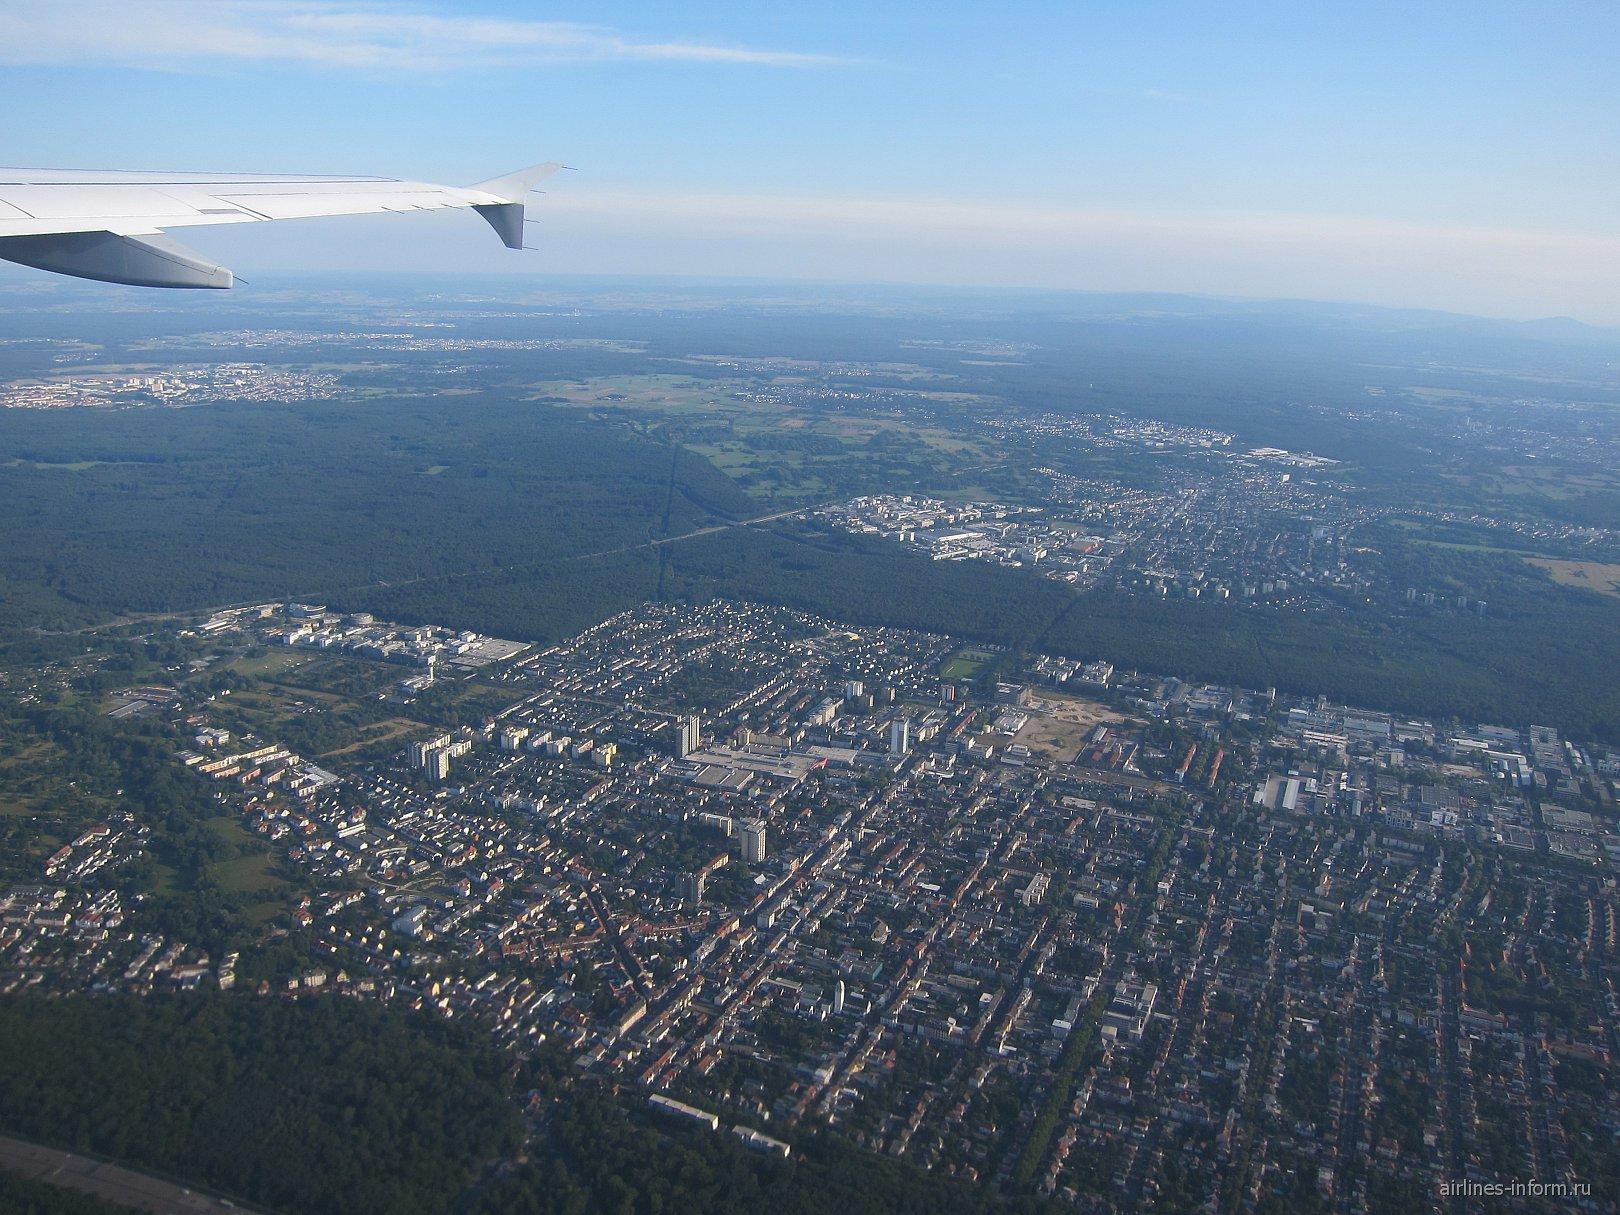 Леса в окрестностях города Франкфурт-на-Майне